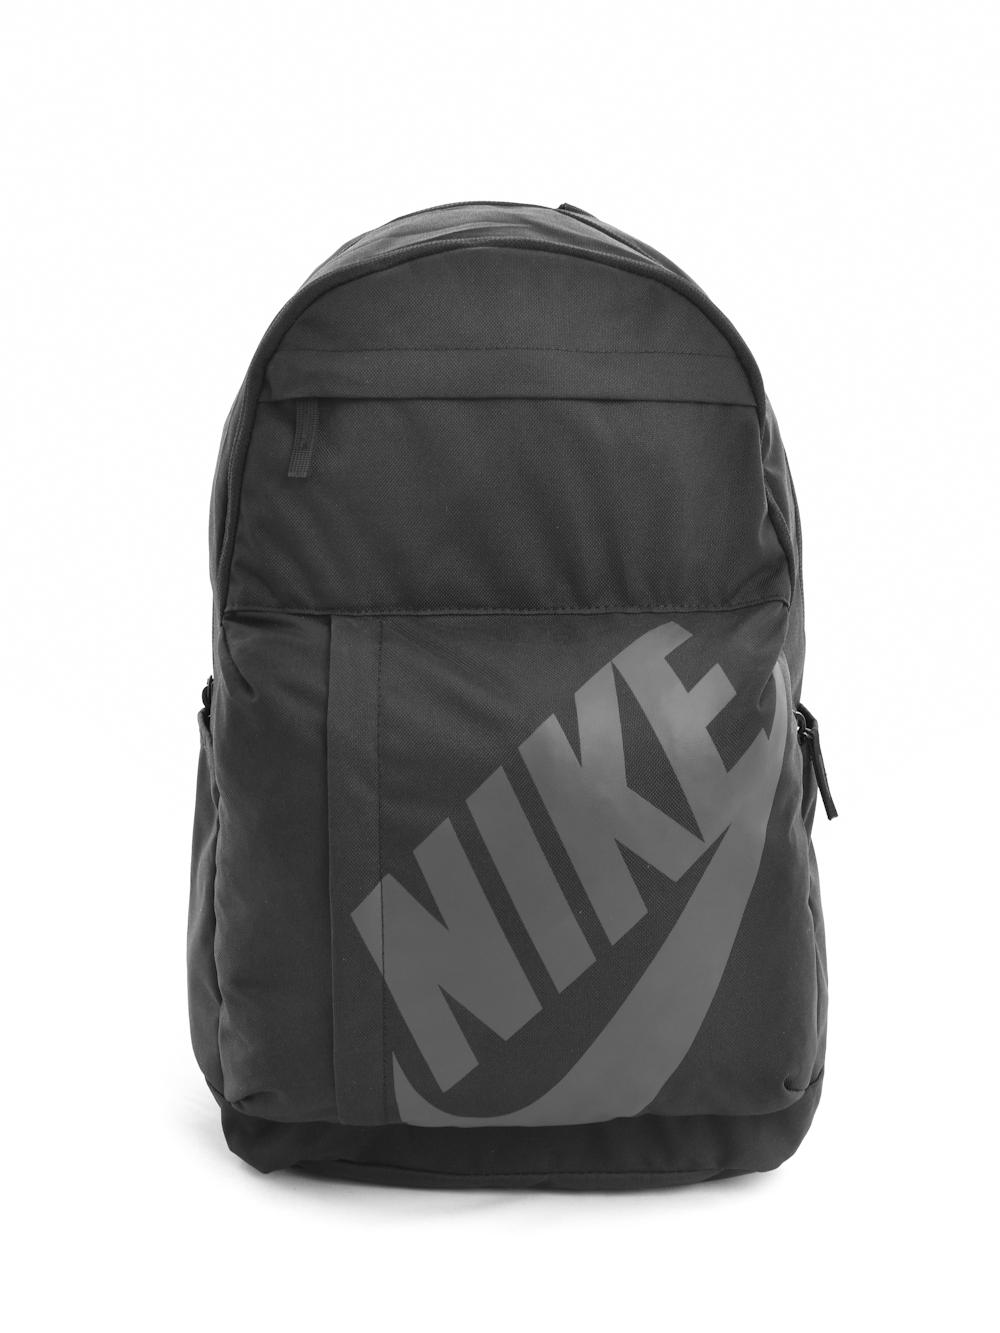 6a947b0cf676 Táskák - Hátitáska, Kis oldaltáska Nike | Márkásbolt.hu